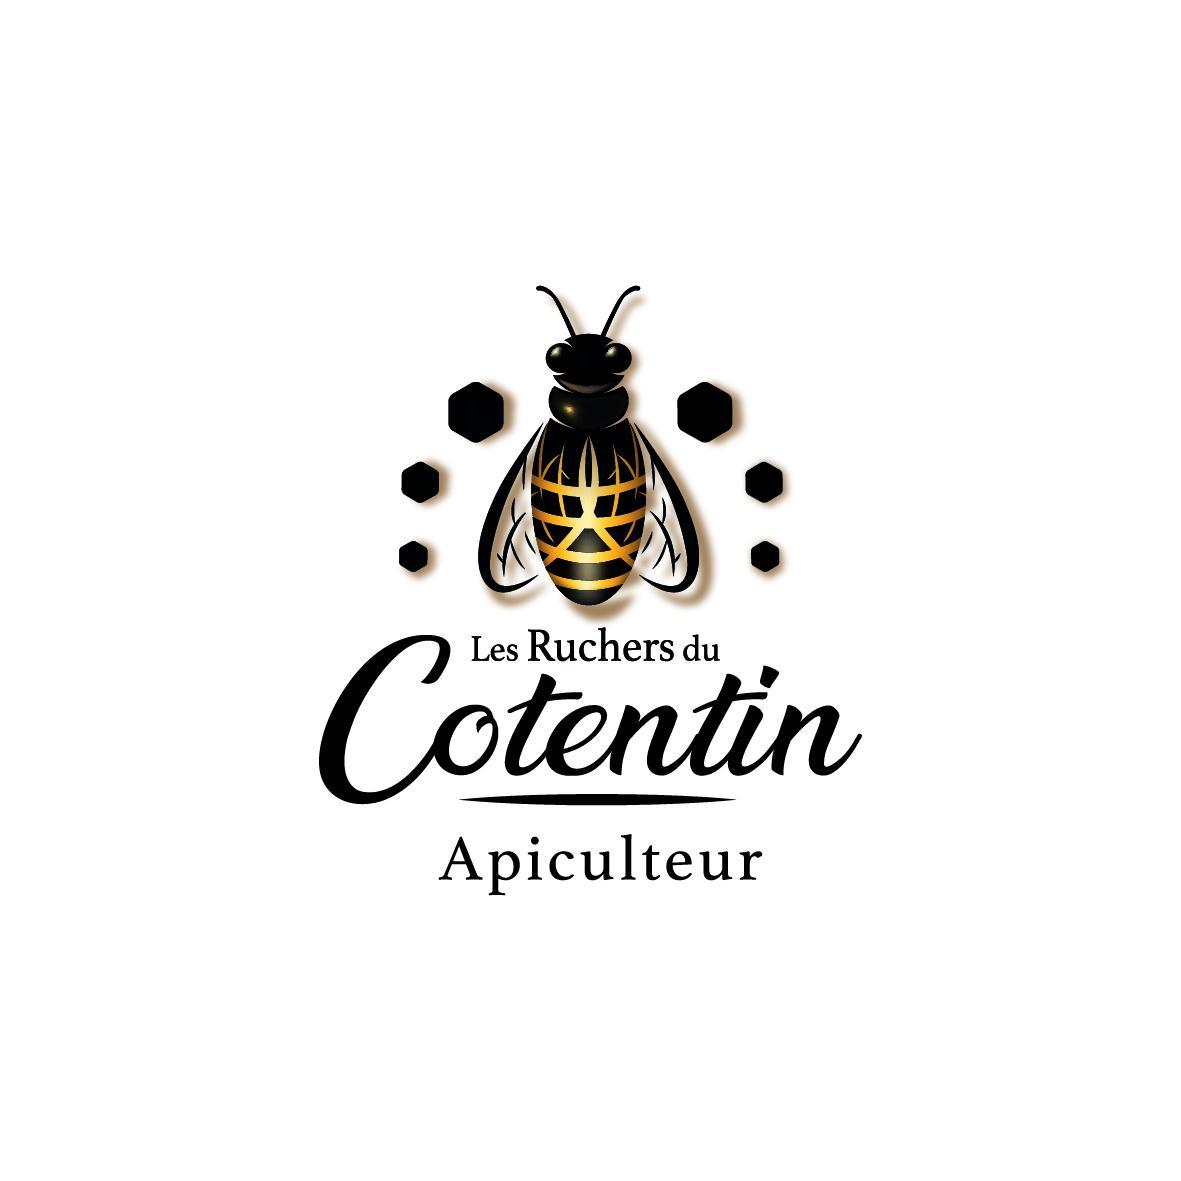 Les Ruchers du Cotentin